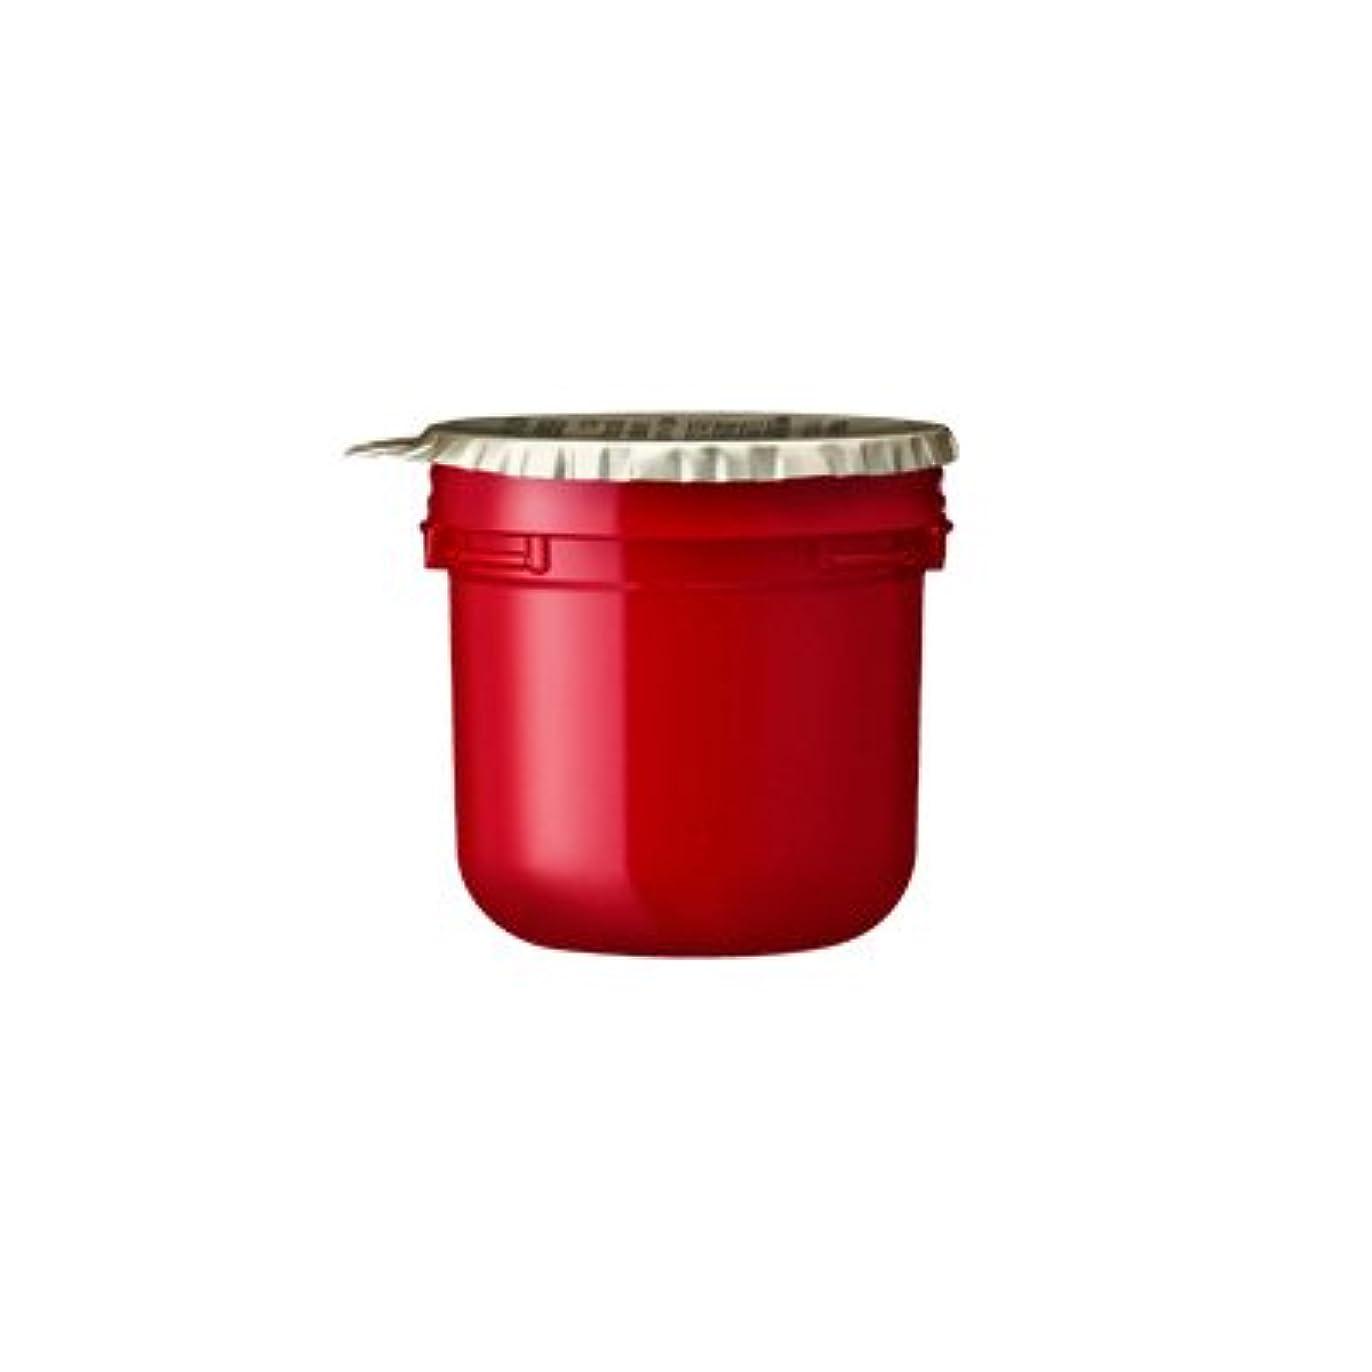 ペア管理します質素なフジフイルム アスタリフト クリーム (レフィル) 30g リニューアル (4547410340594)並行輸入品